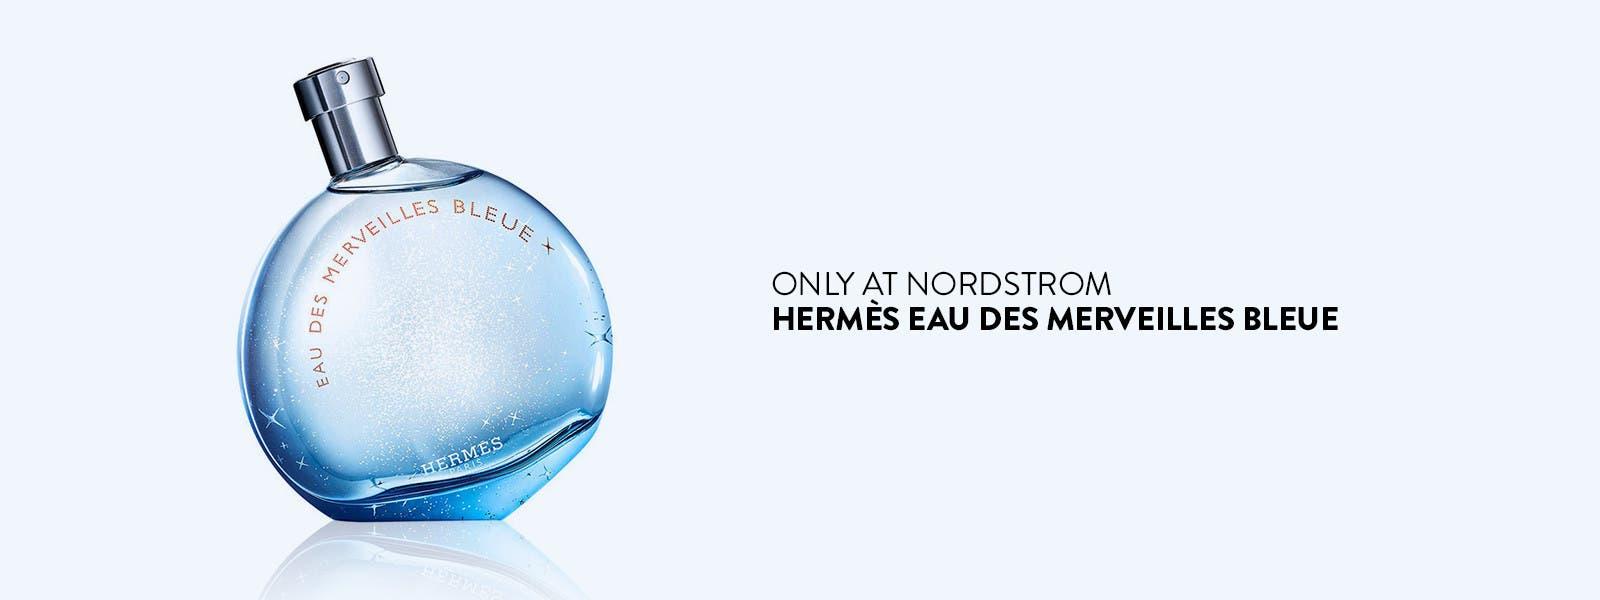 Only at Nordstrom: Hermès Eau Des Merveilles Bleue.